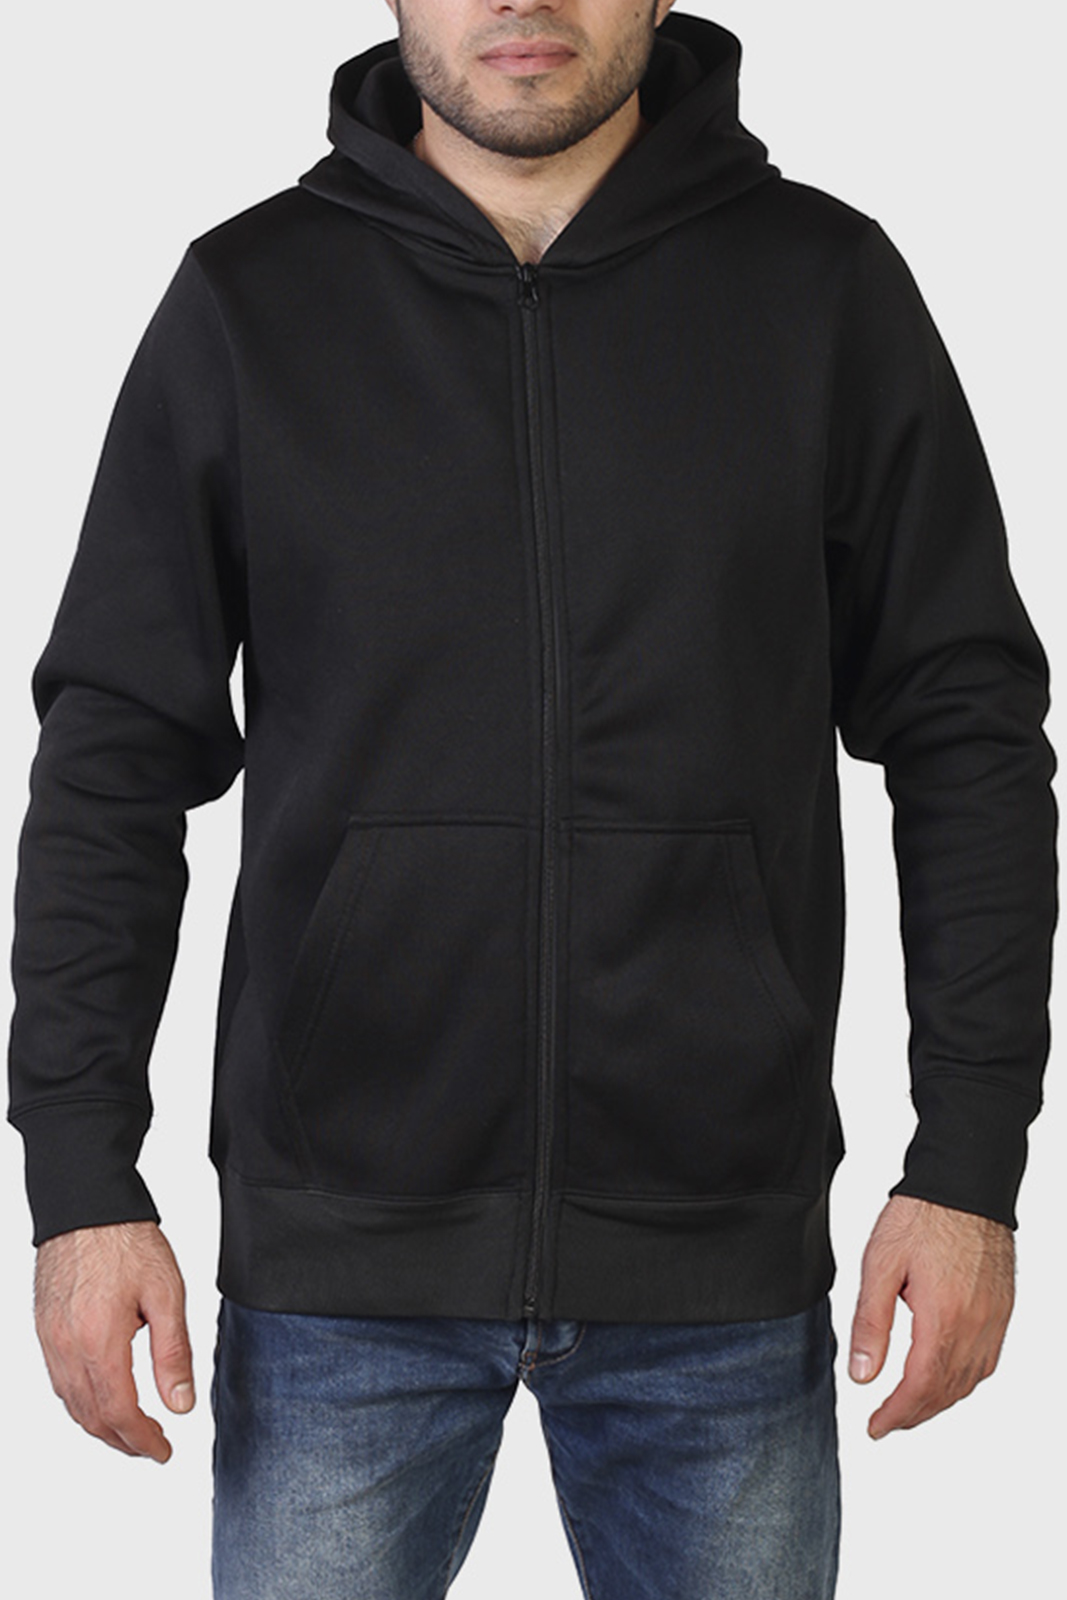 Большой выбор стильной мужской одежды: толстовки, куртки, футболки